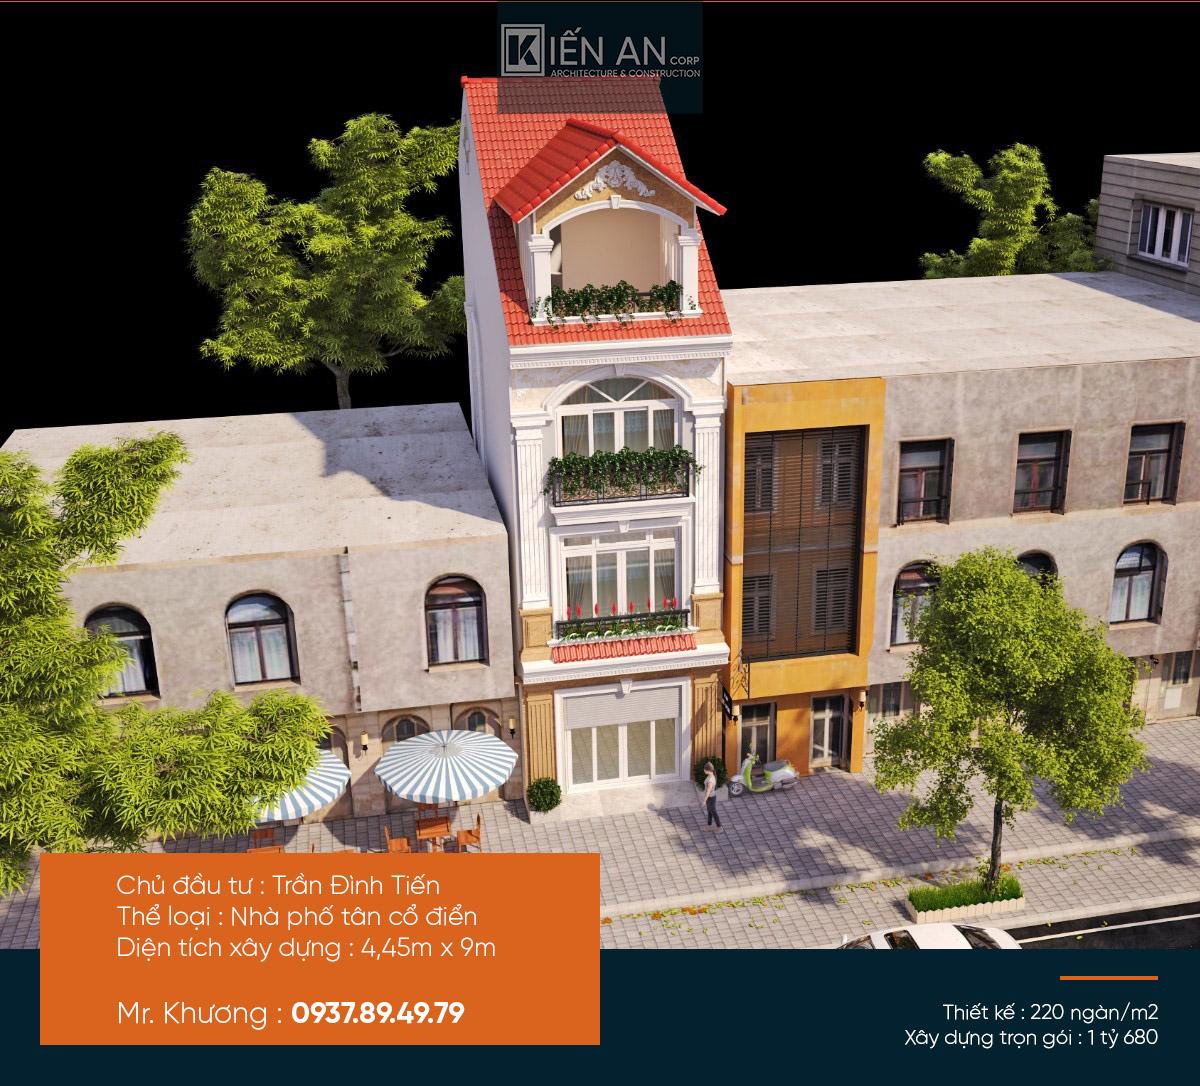 Đẹp mê mẩn với mẫu thiết kế Nhà phố hiện đại 9×4,5m 3 phòng ngủ 1,6 tỷ